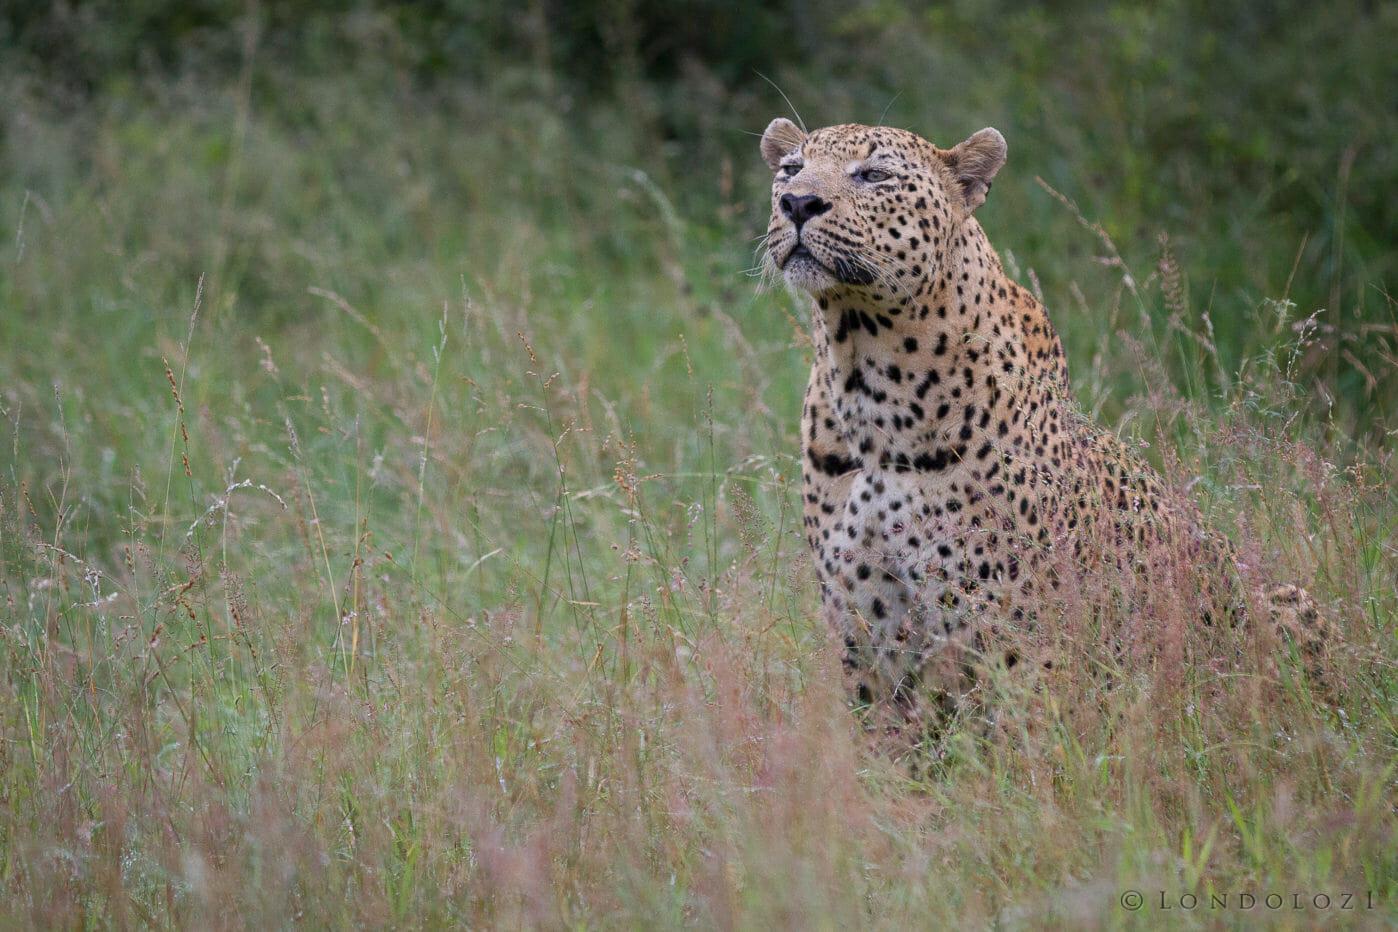 Camp Pan Leopard Jt